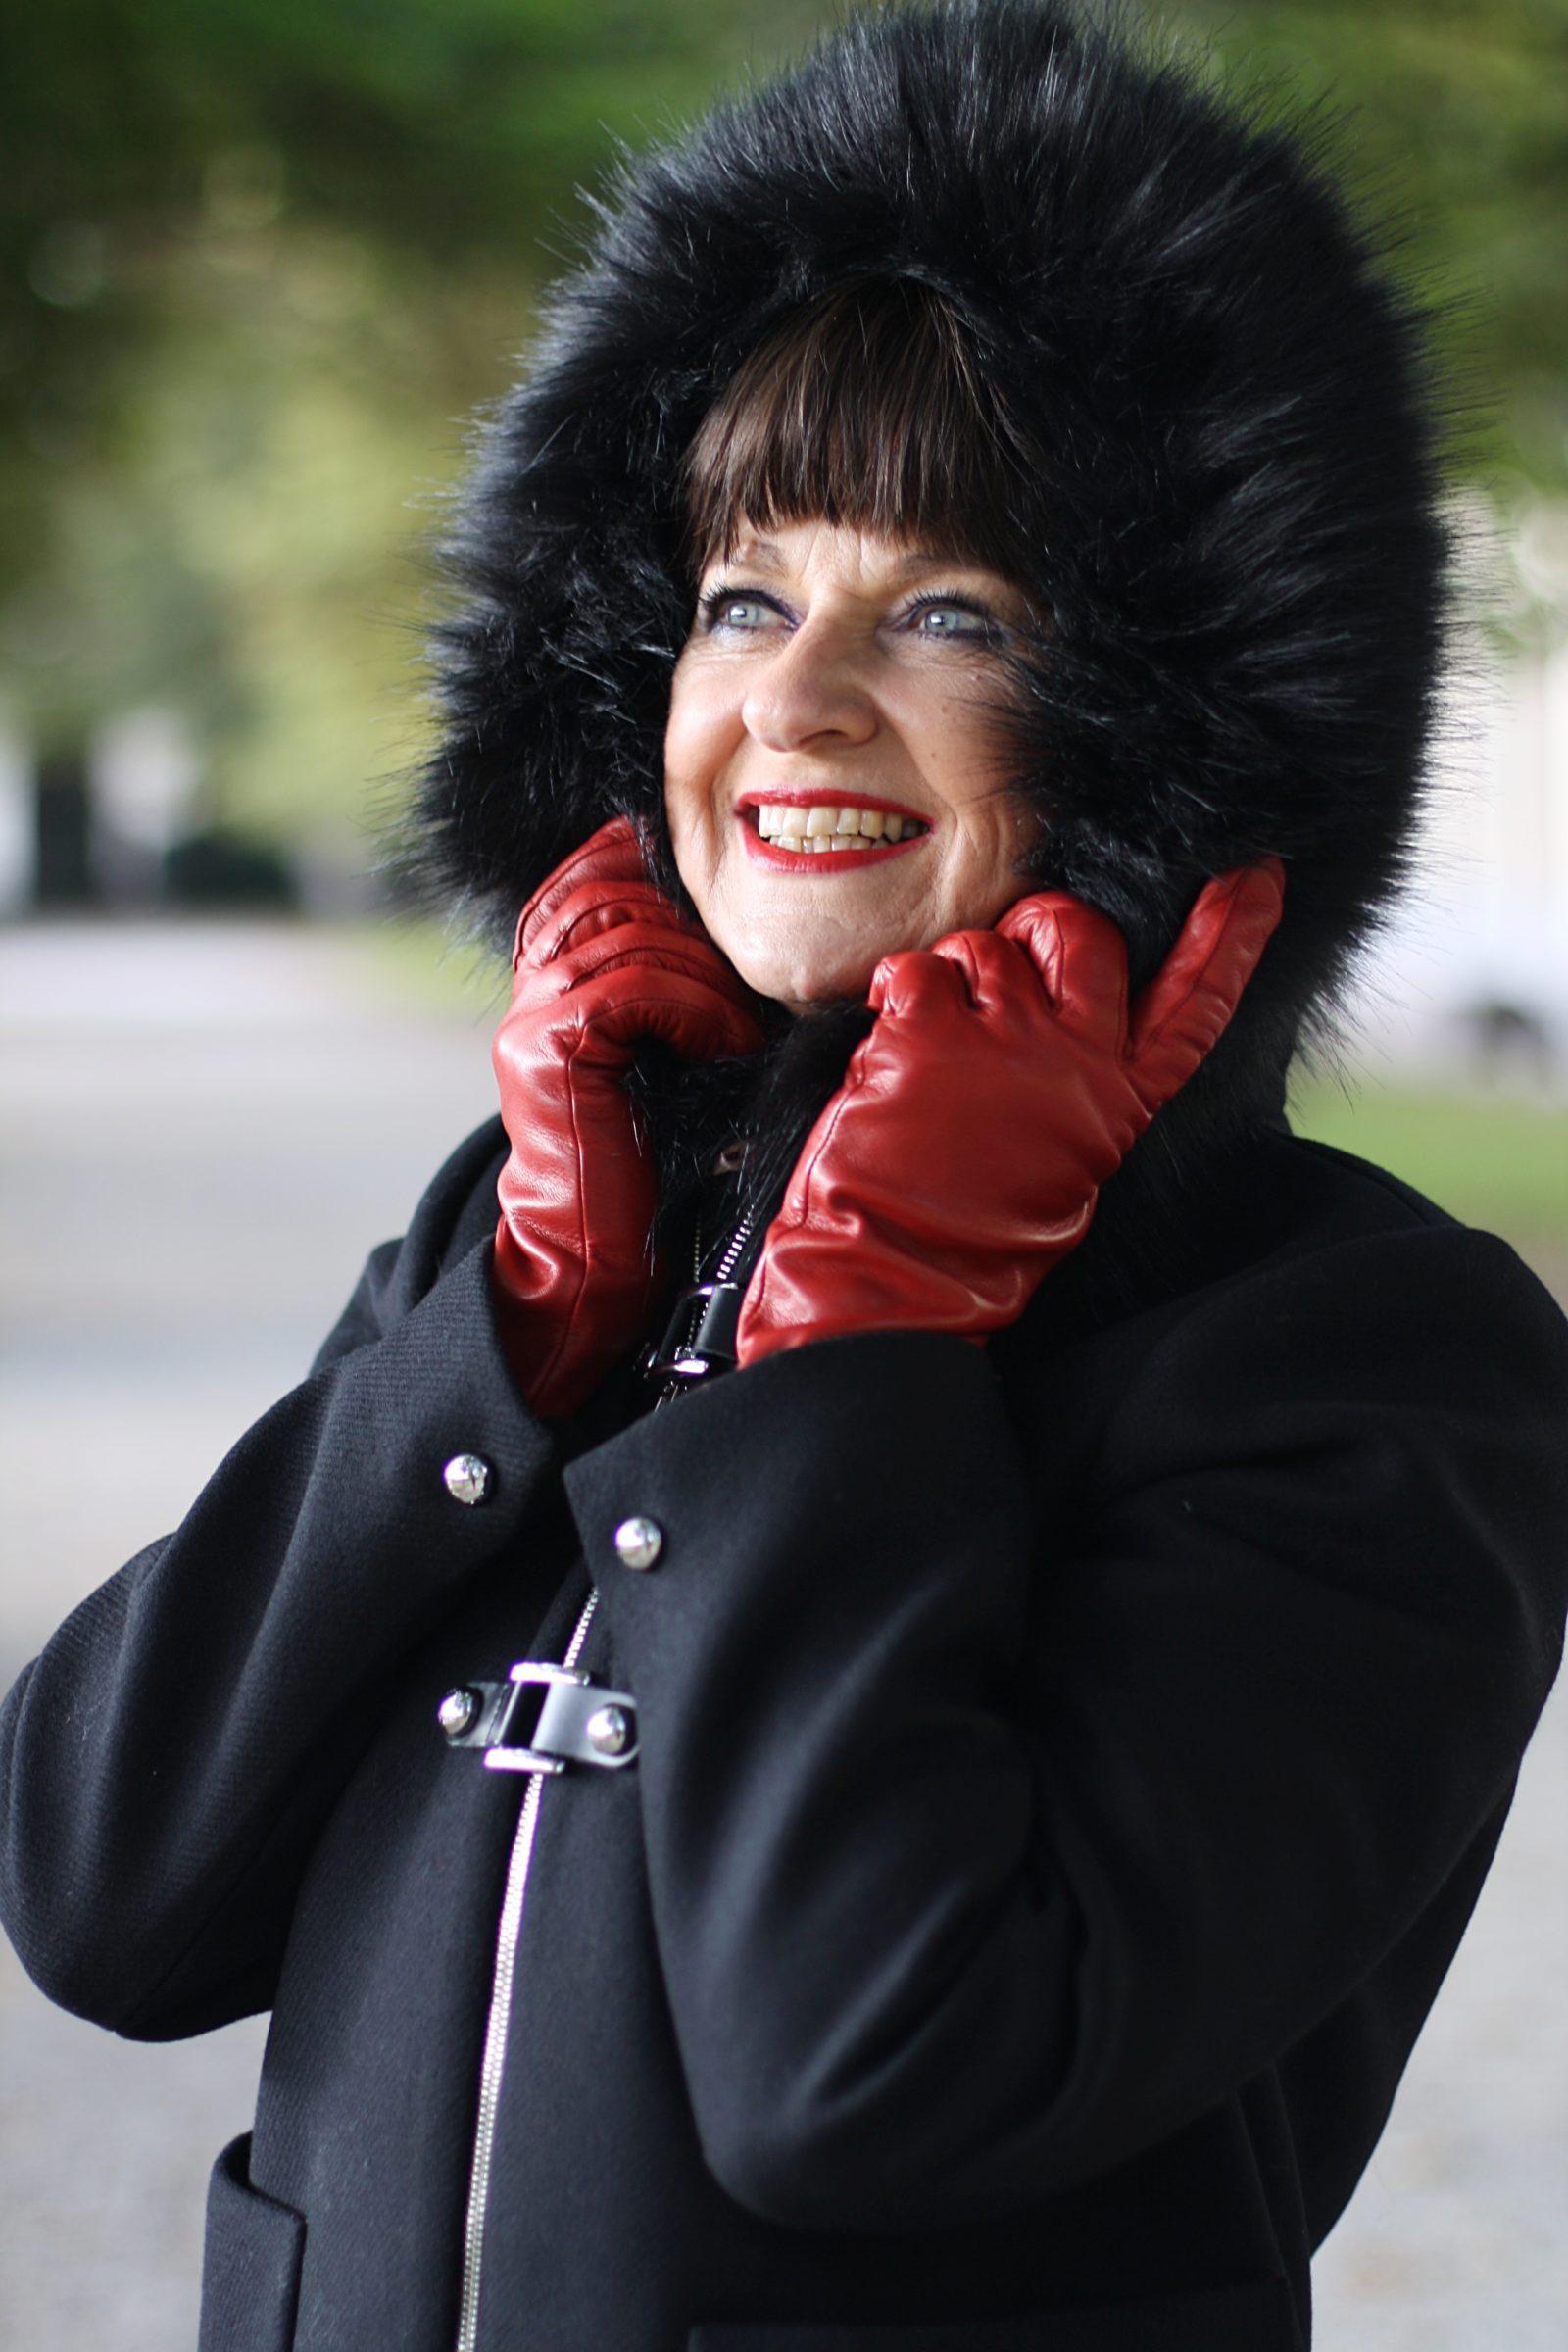 jacke-mit-kaputze-und-roten-handschuhe-top